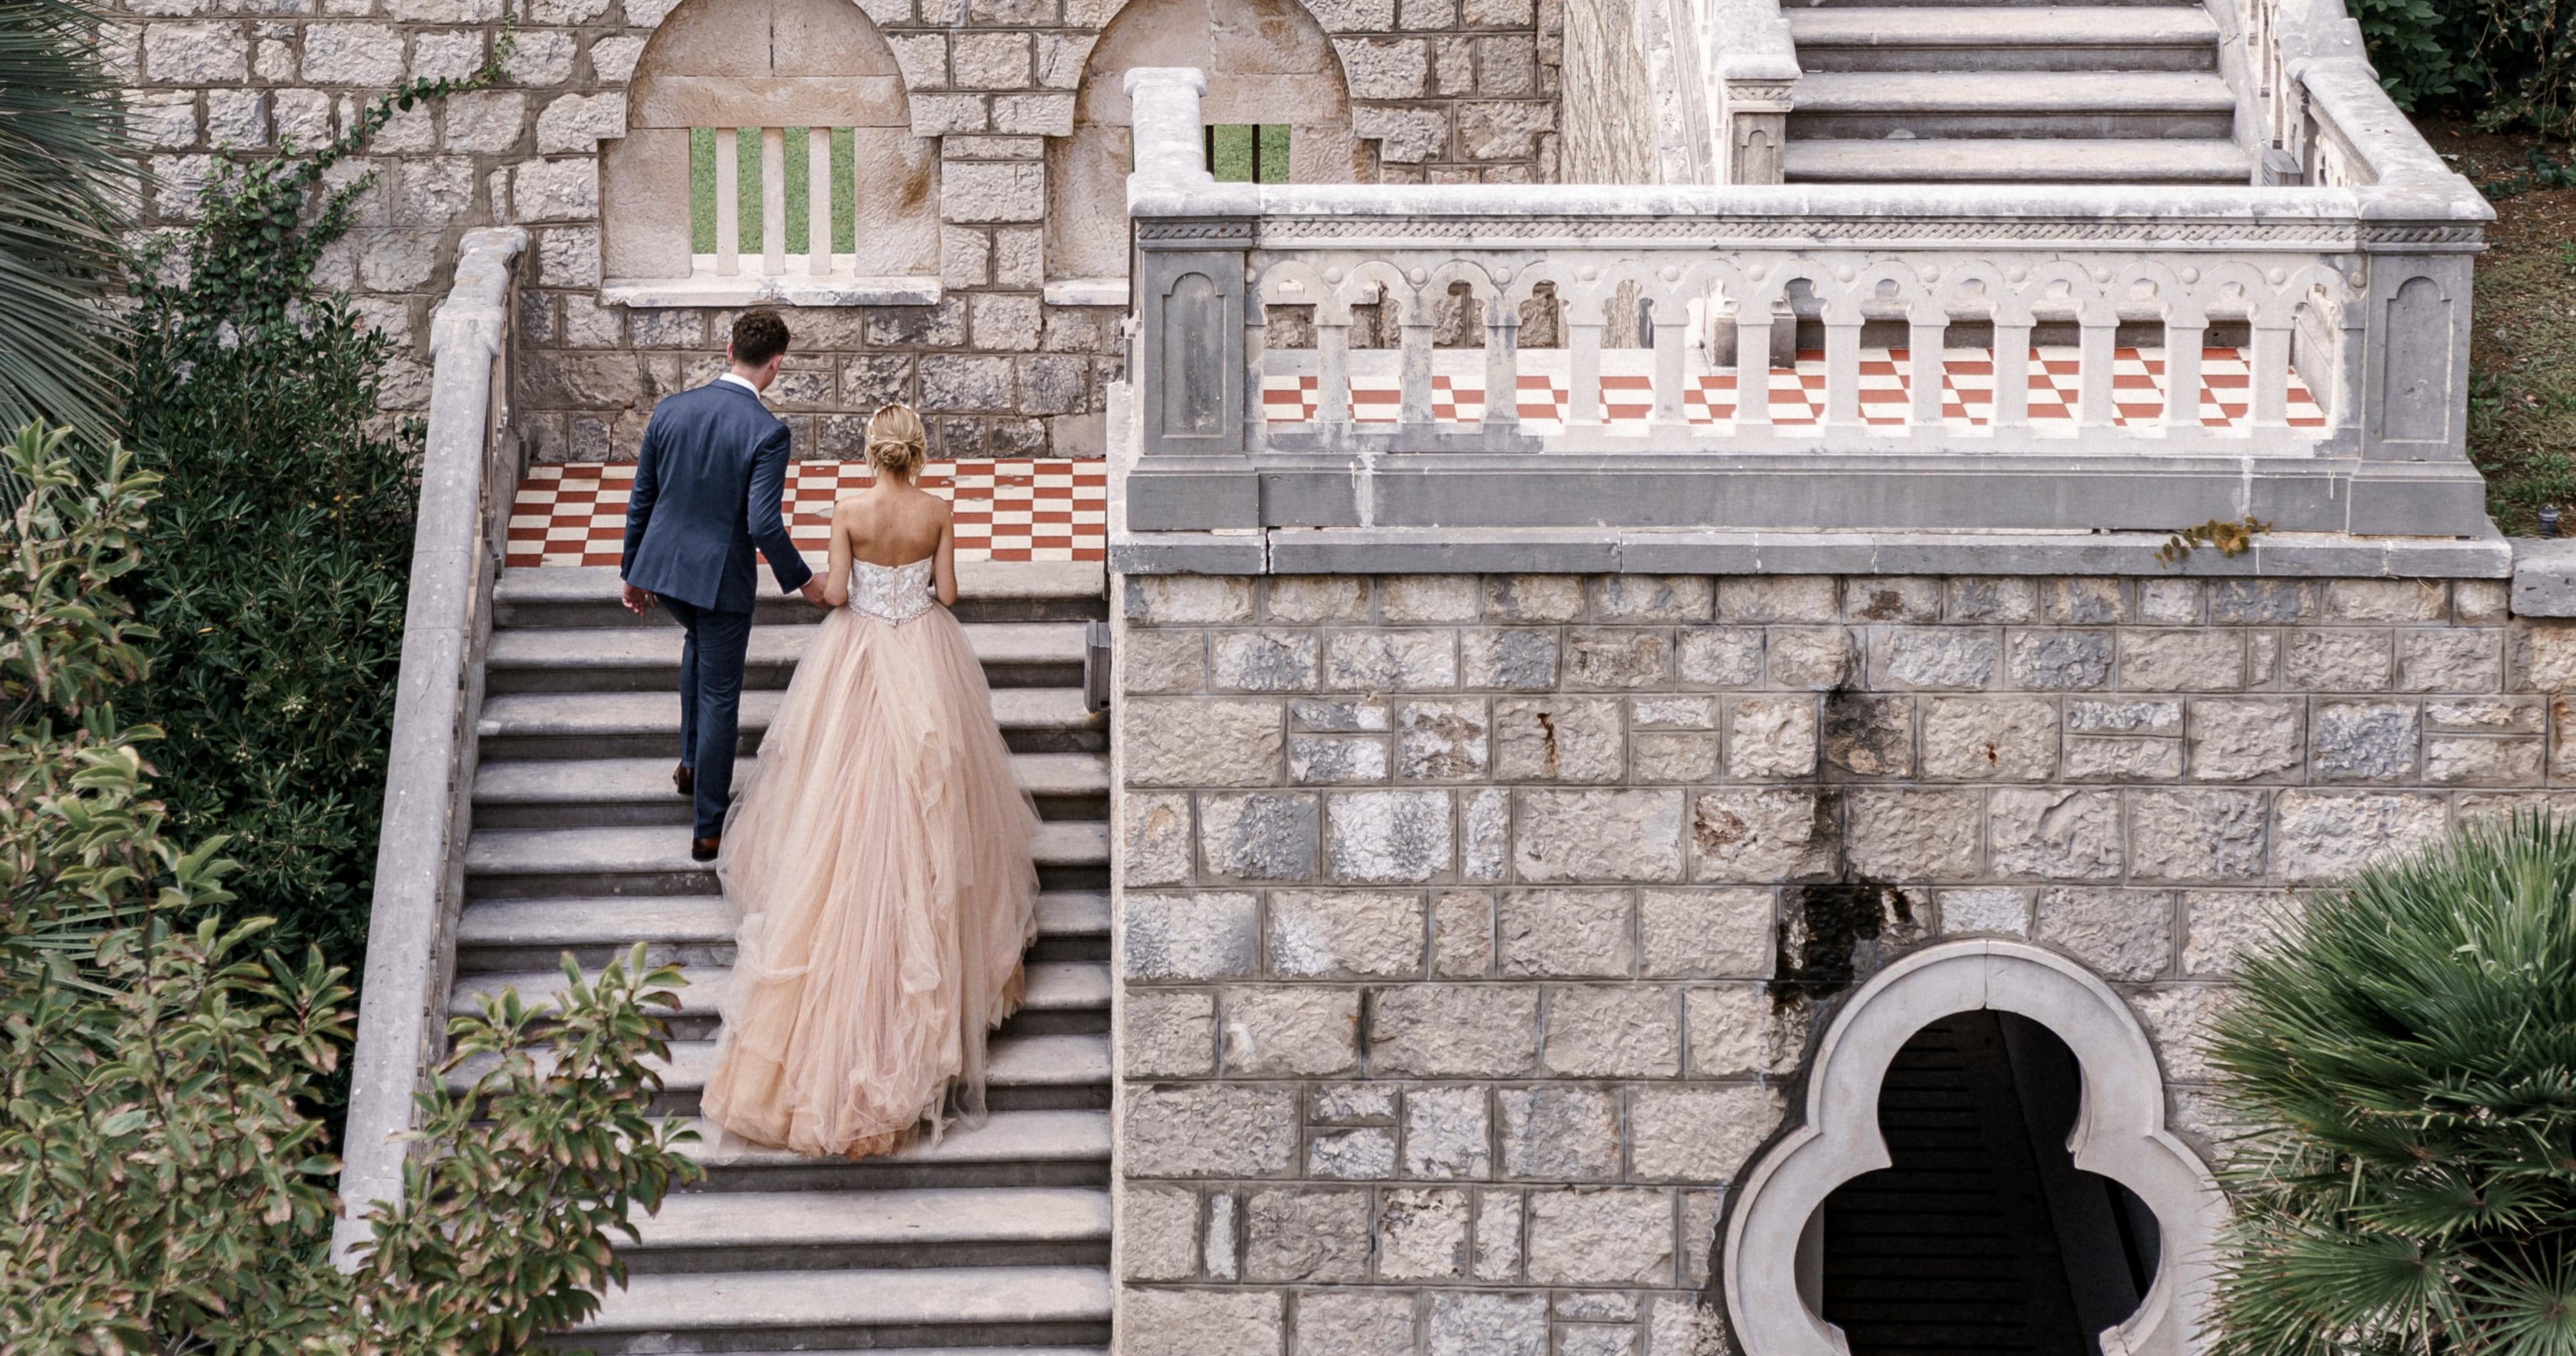 Свадьба-квест по мотивам сериала «Игра престолов»